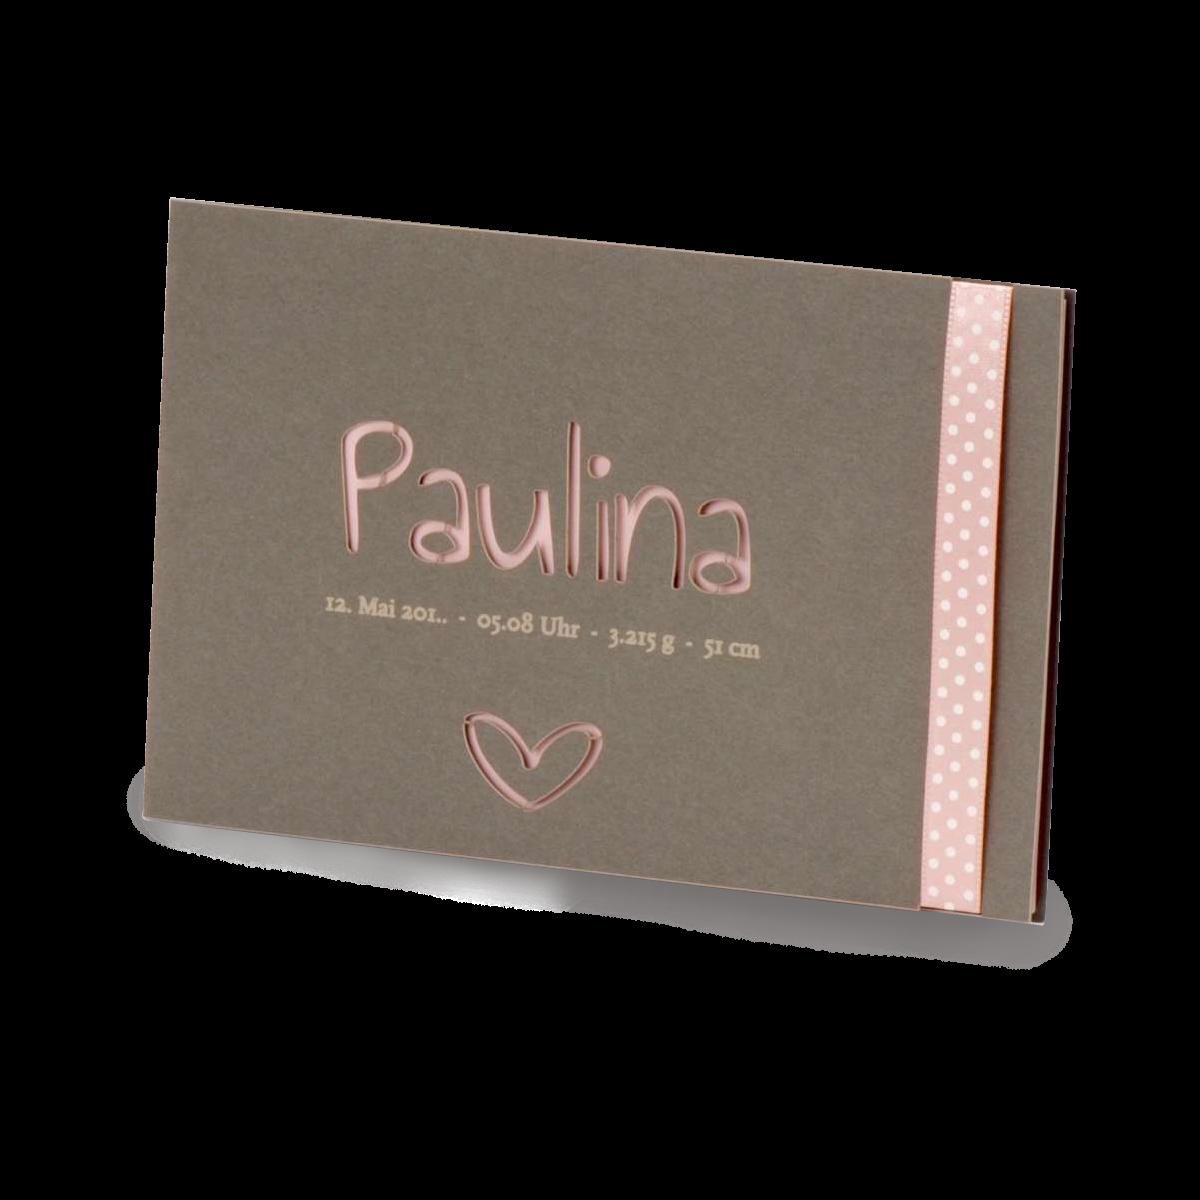 KarteGeburtPaulina-schatten